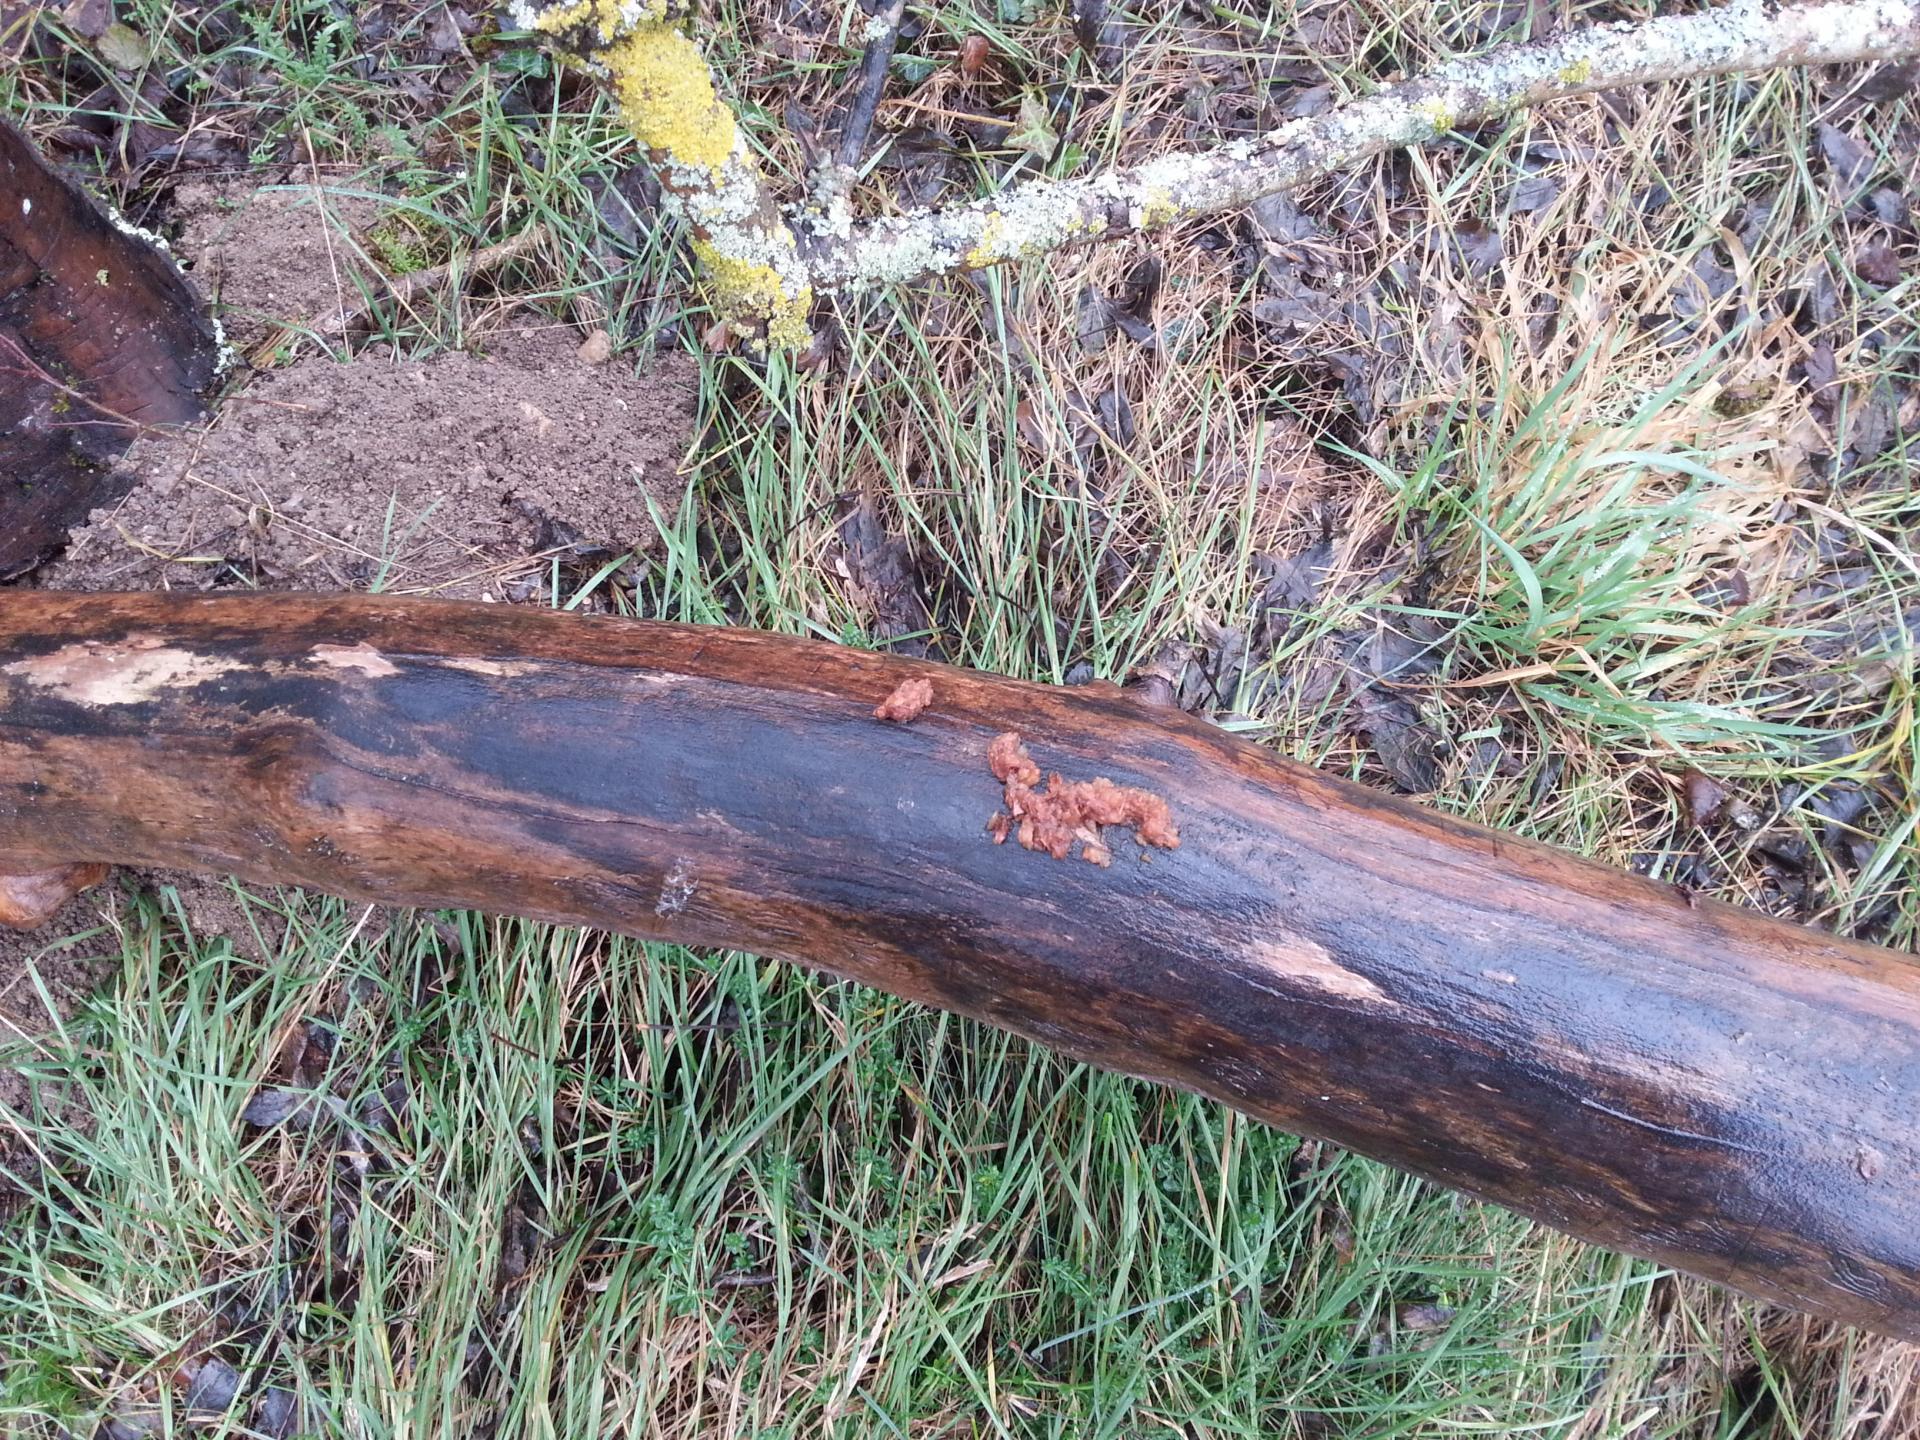 Seule une martre est capable de percher ses dépôts en hauteur sur ce tronc.